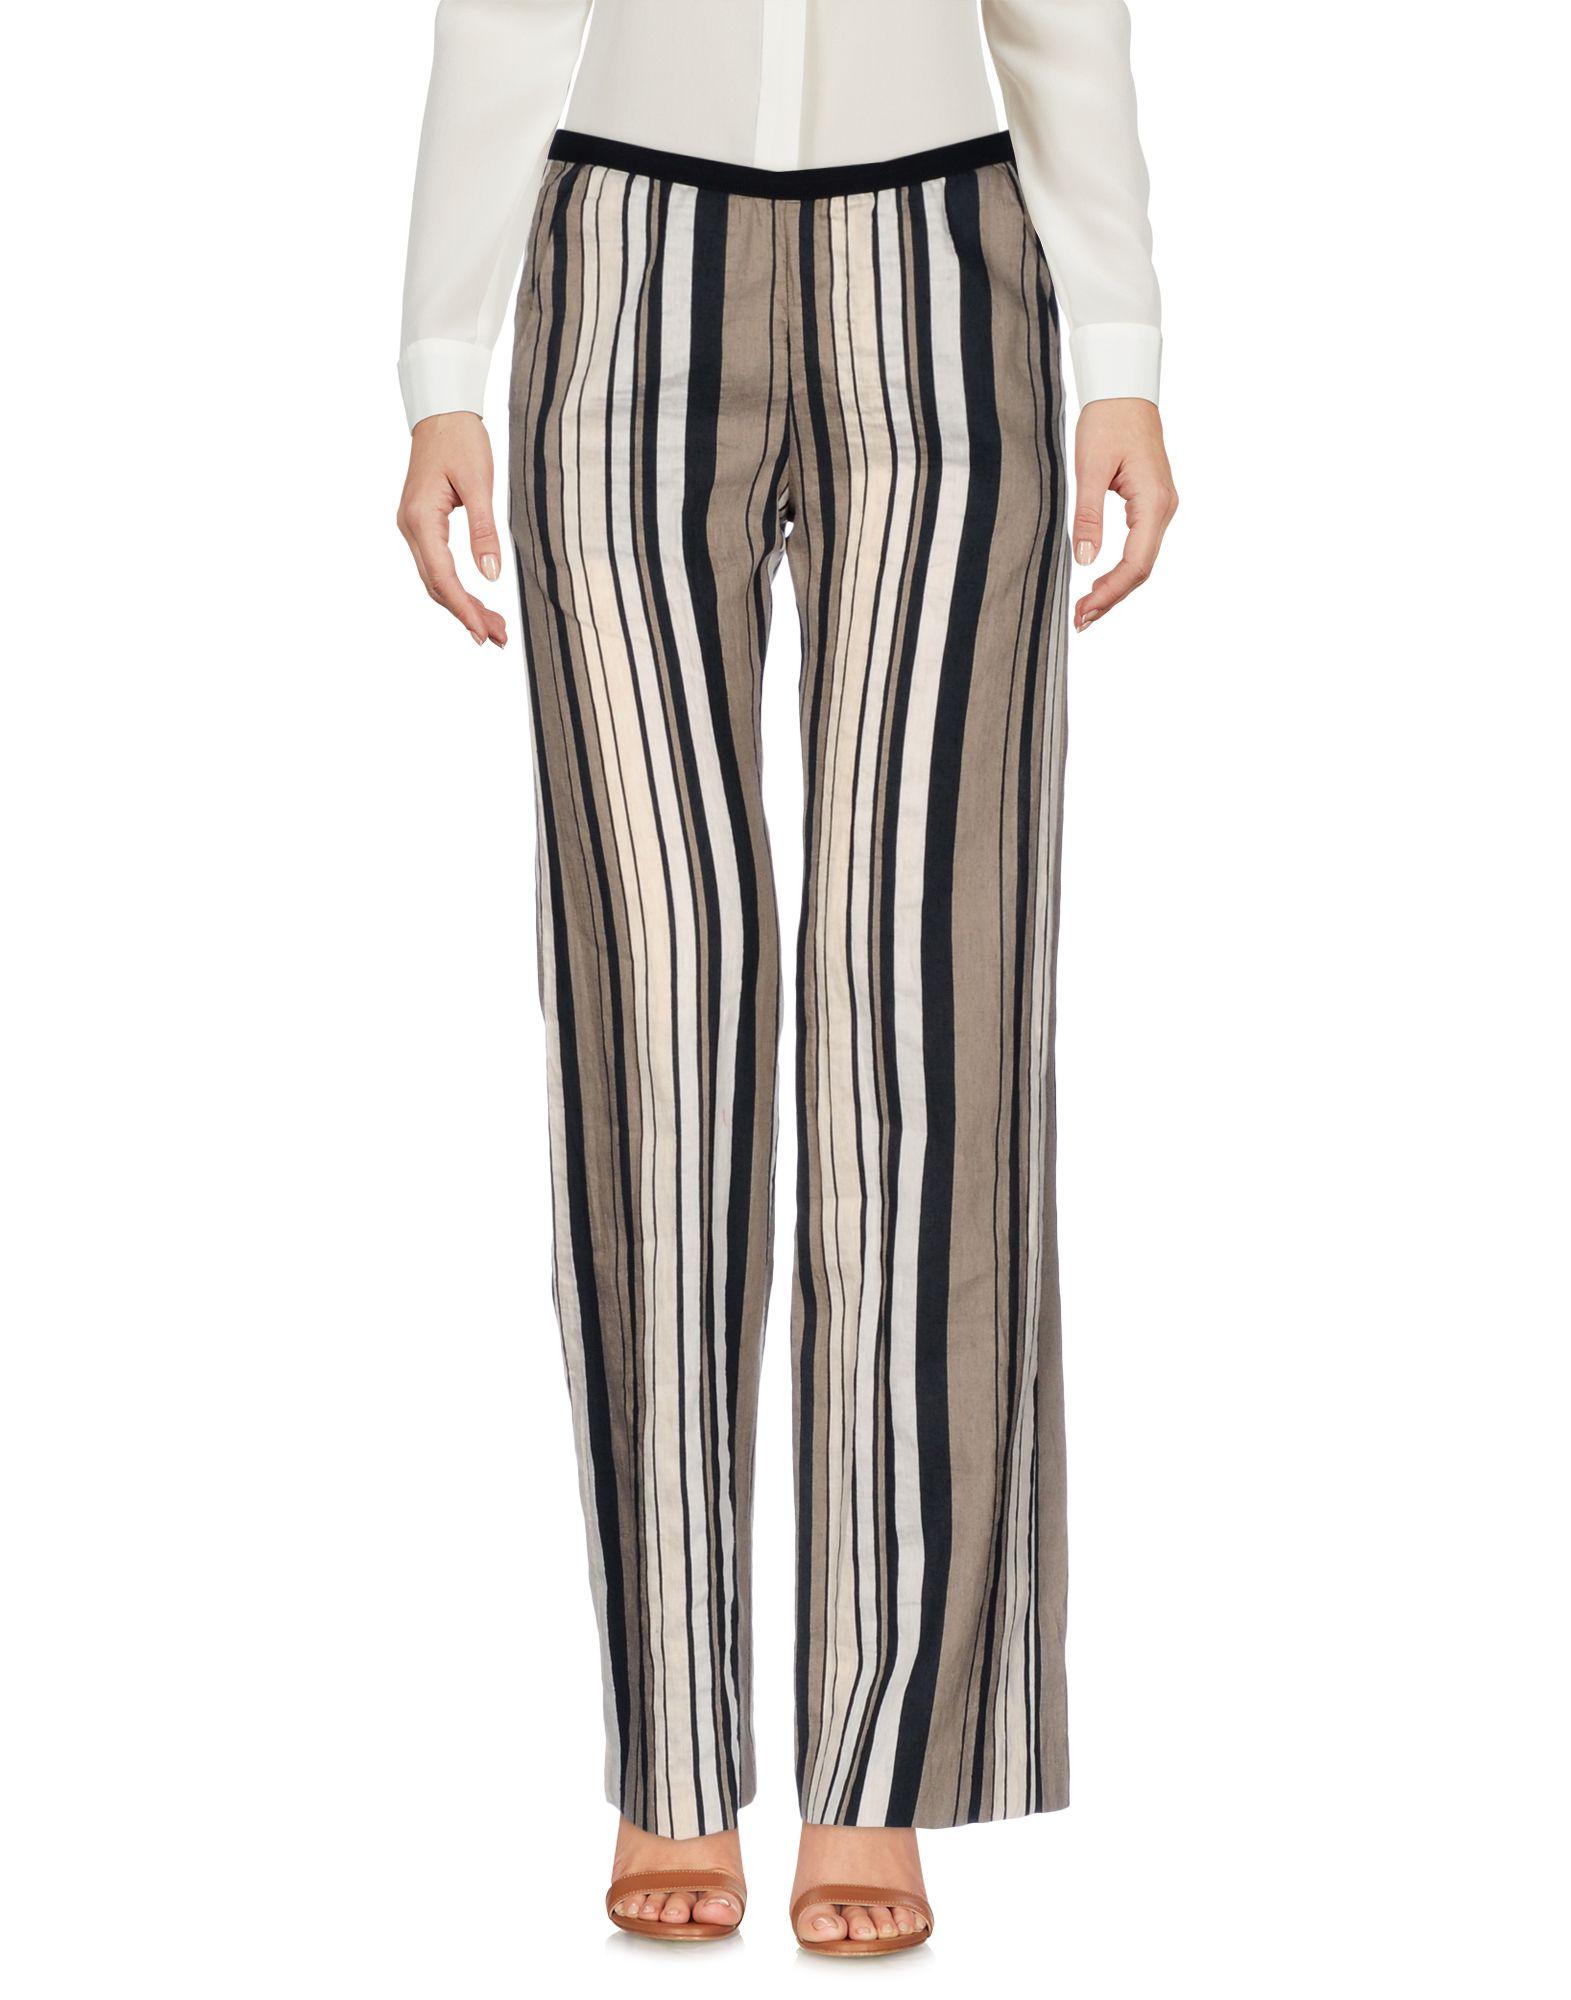 DIEGA Casual Pants in Khaki